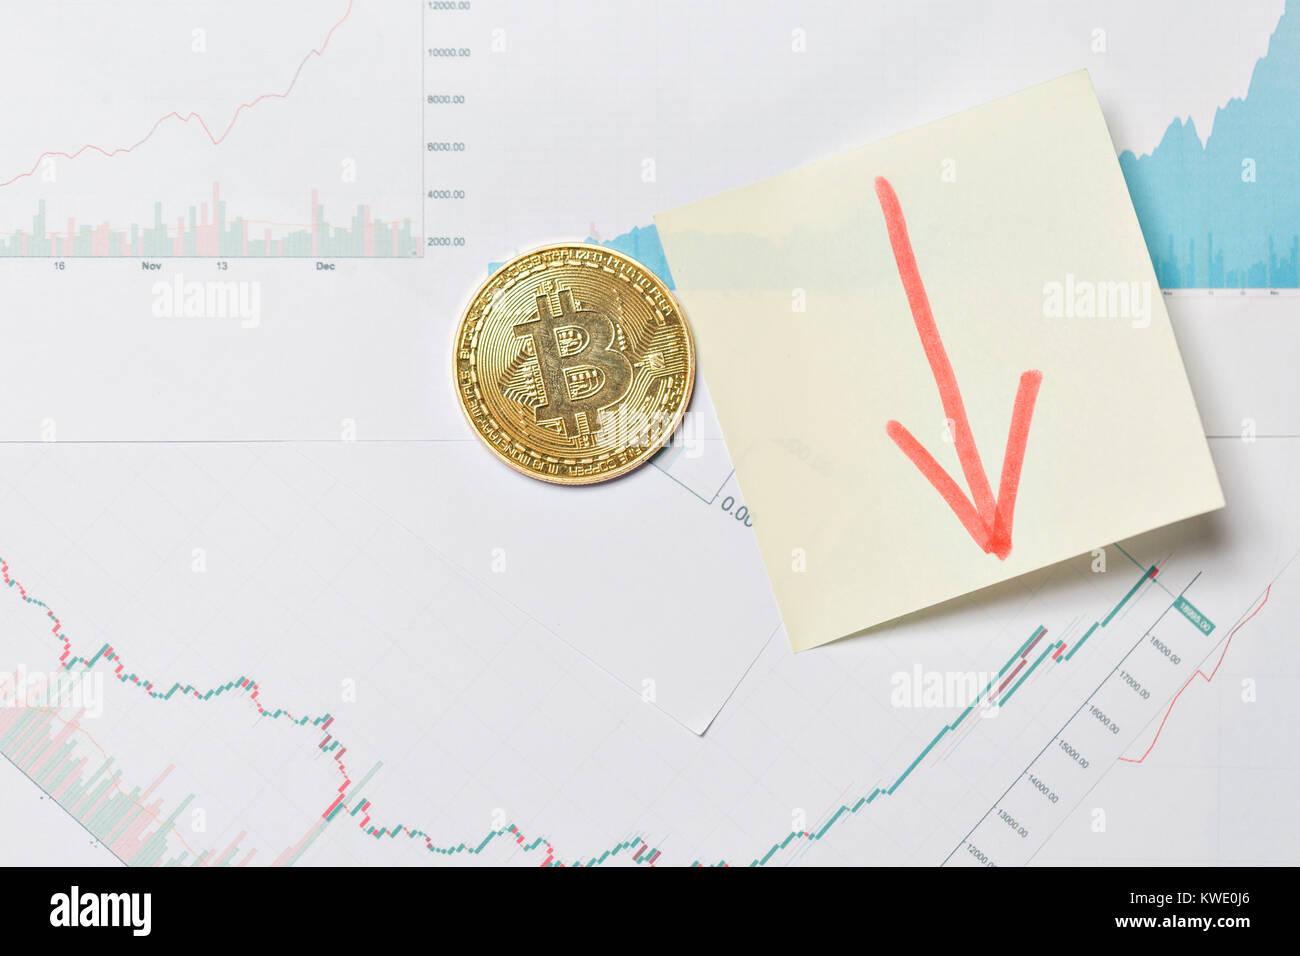 Stock Exchange Trading Symbol Stock Photos Stock Exchange Trading